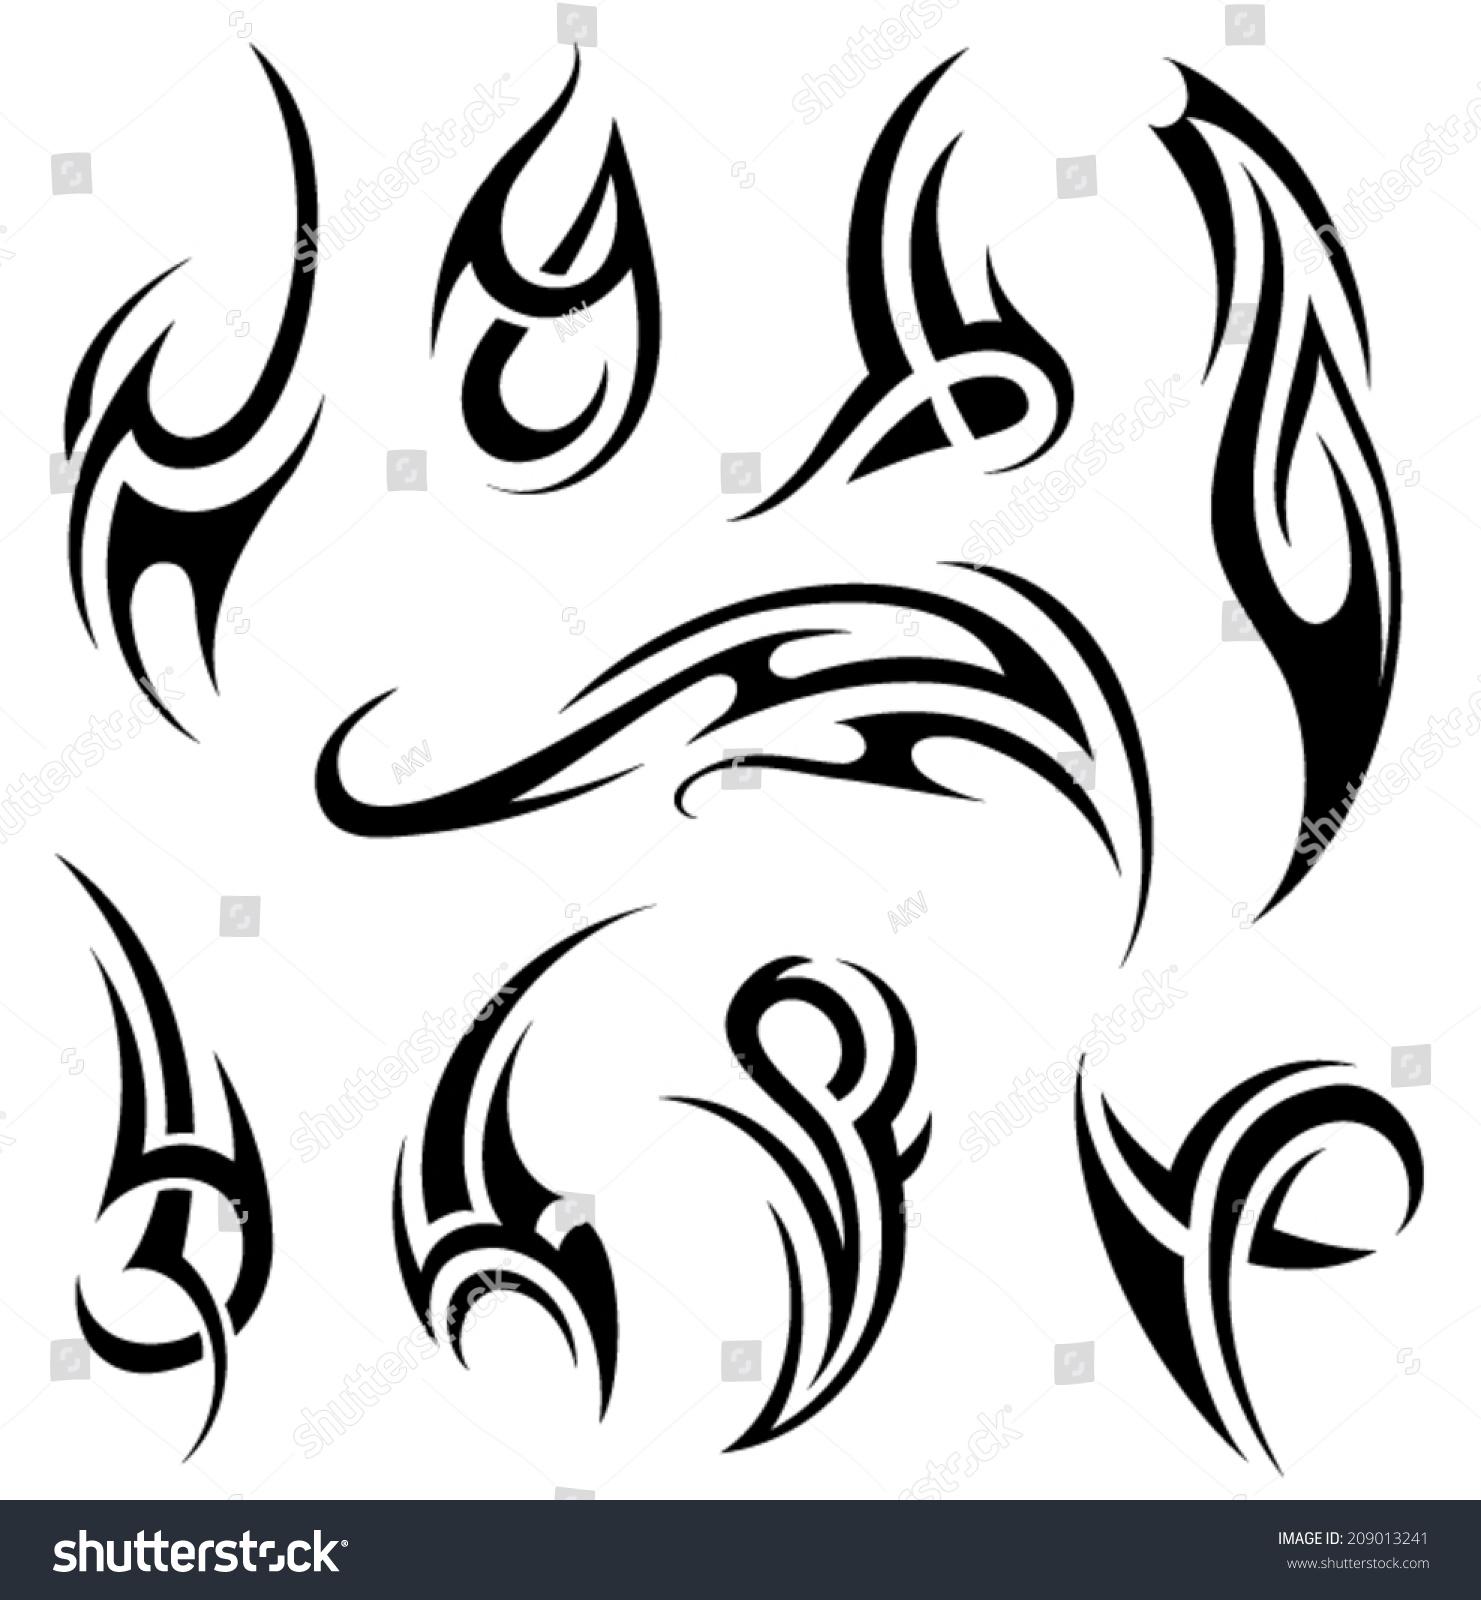 Tribal-Tattoos stock-vector-tribal-tattoo-209013241